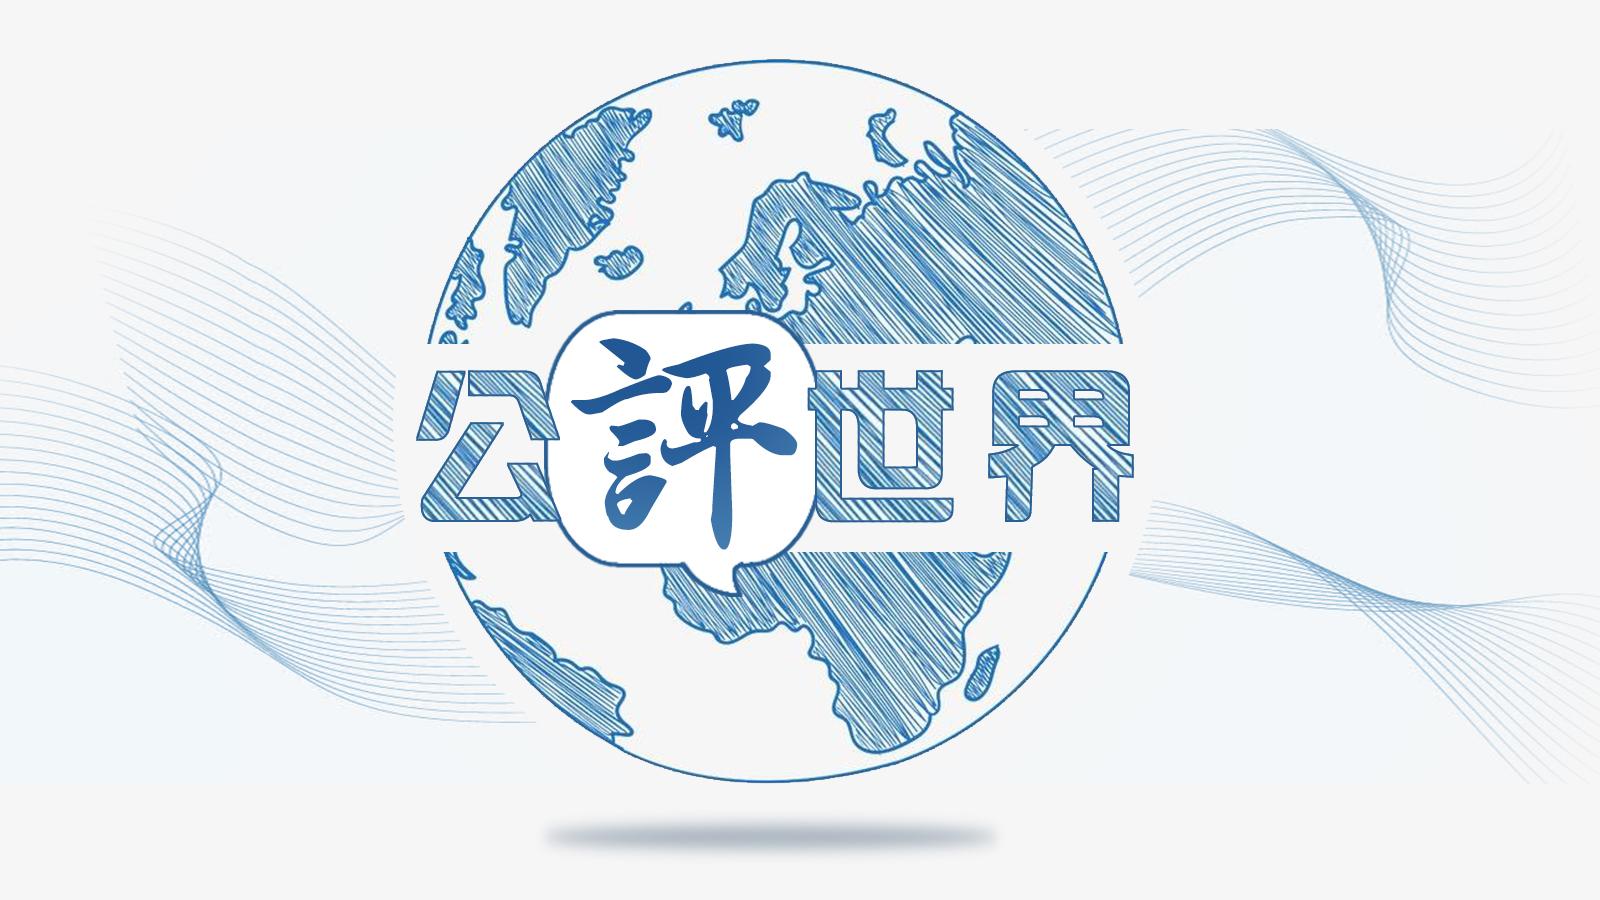 中国抗疫答卷值得国际社会借鉴